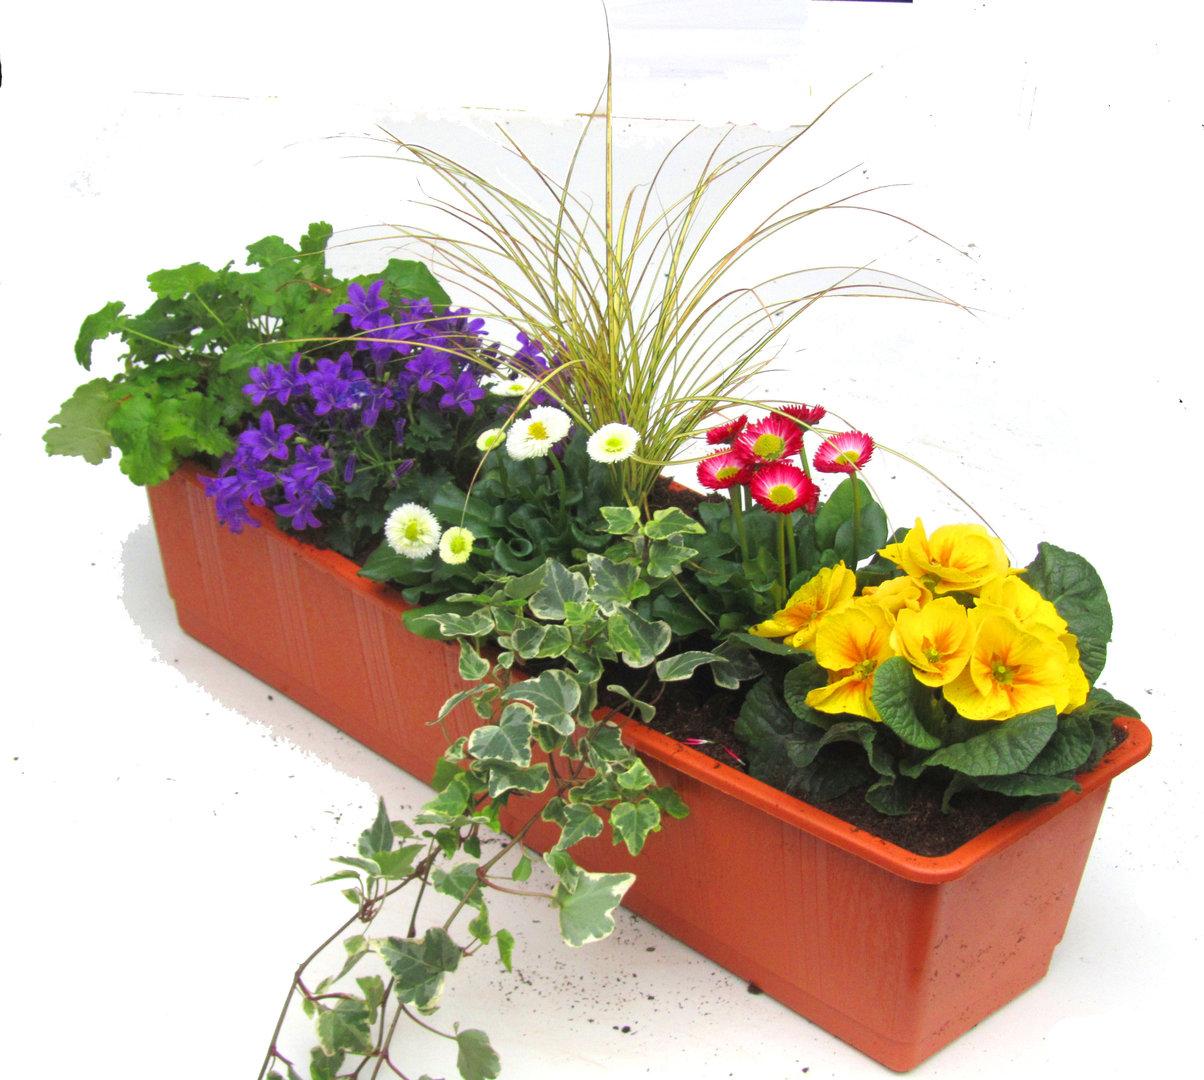 bepflanzter fr hlings balkonkasten 60 cm im bew sserungskasten pflanzen versand f r die besten. Black Bedroom Furniture Sets. Home Design Ideas